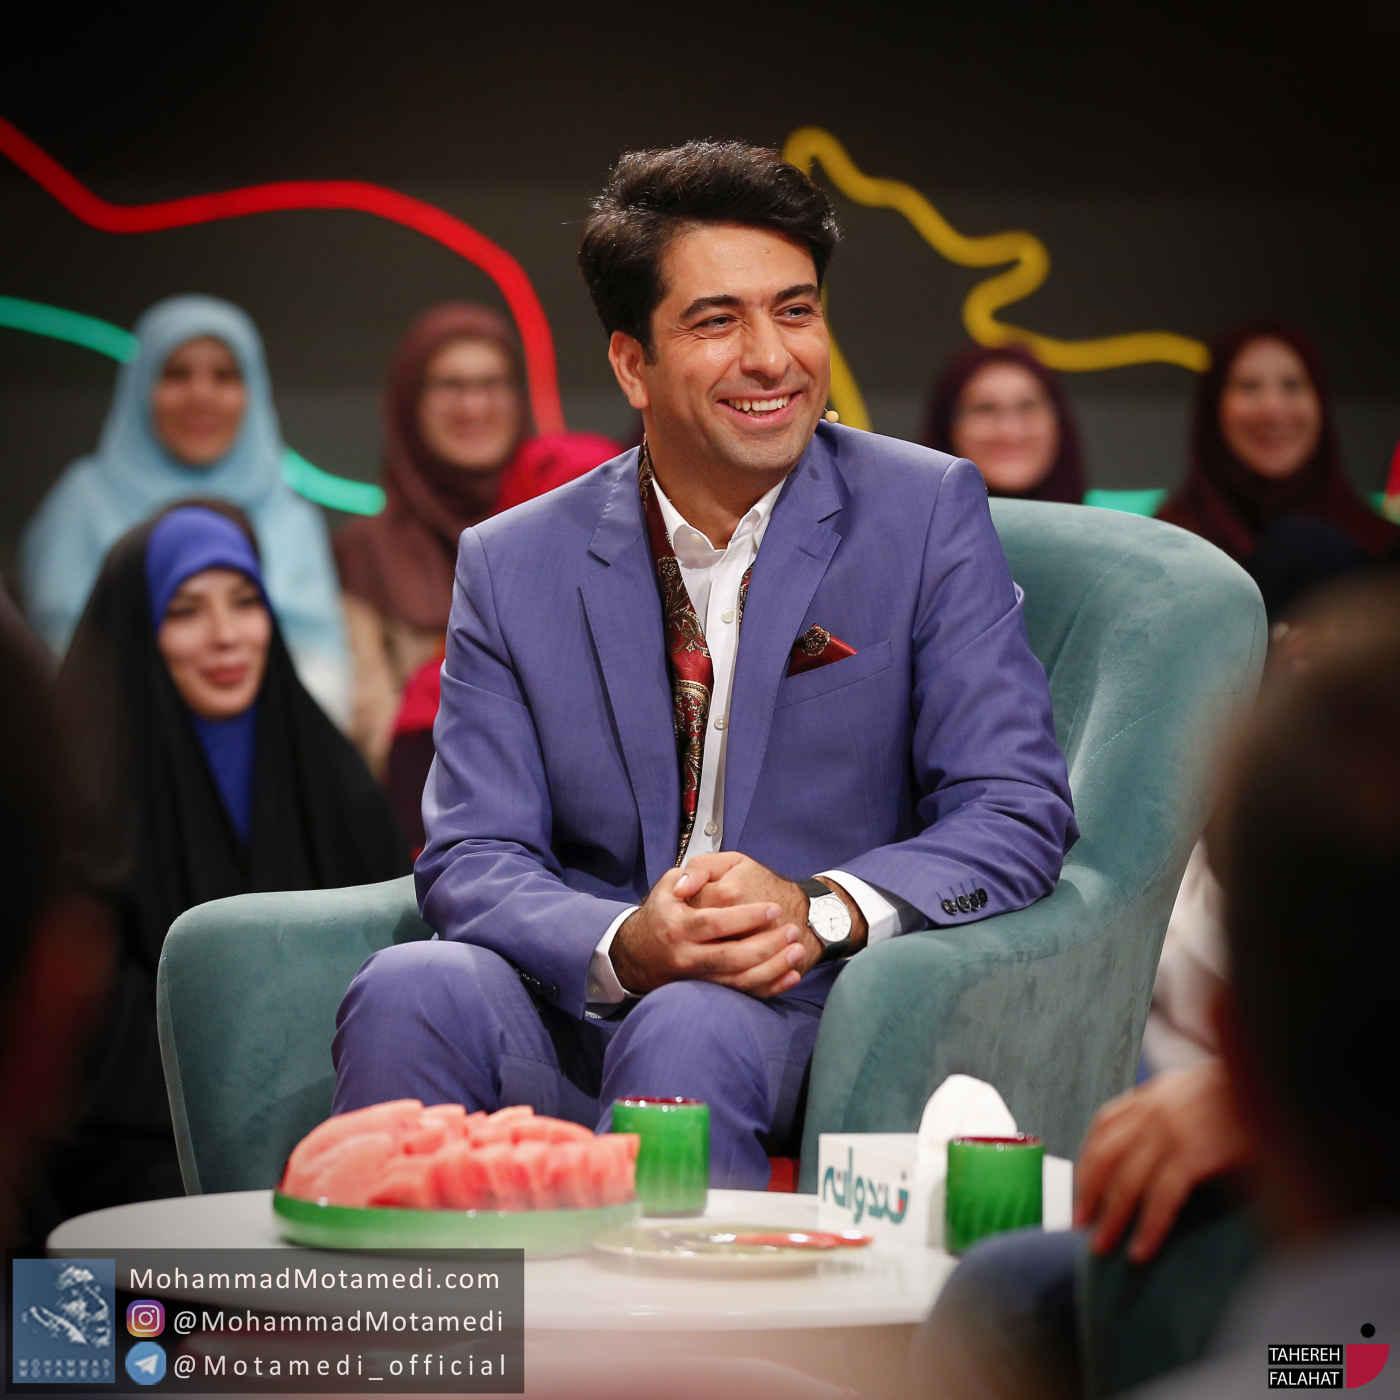 گزارش تصویری برنامه خندوانه با حضور محمد معتمدی